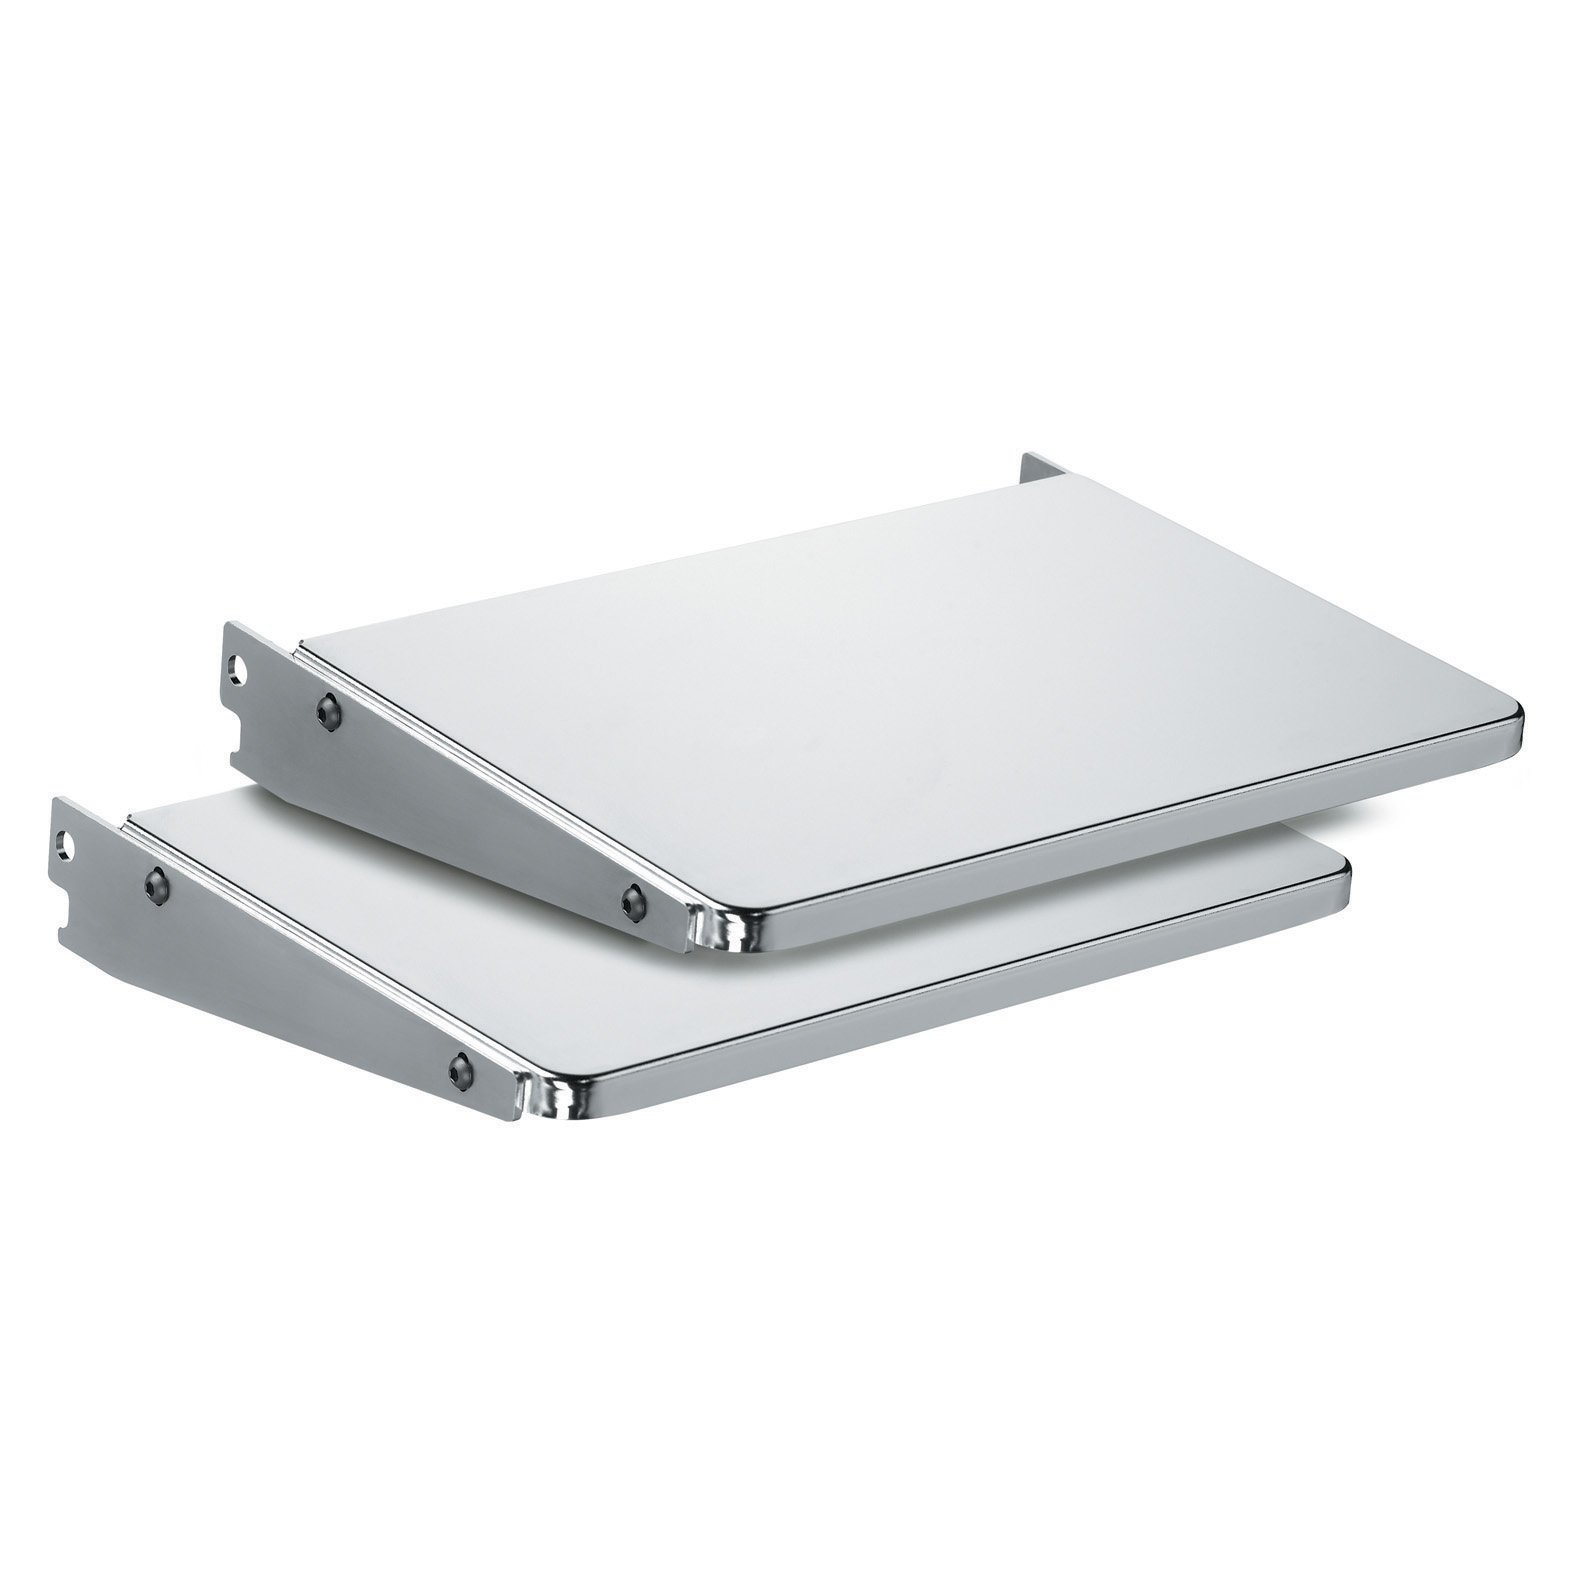 DEWALT DW7351 Folding Table for DW735 Planer by DEWALT